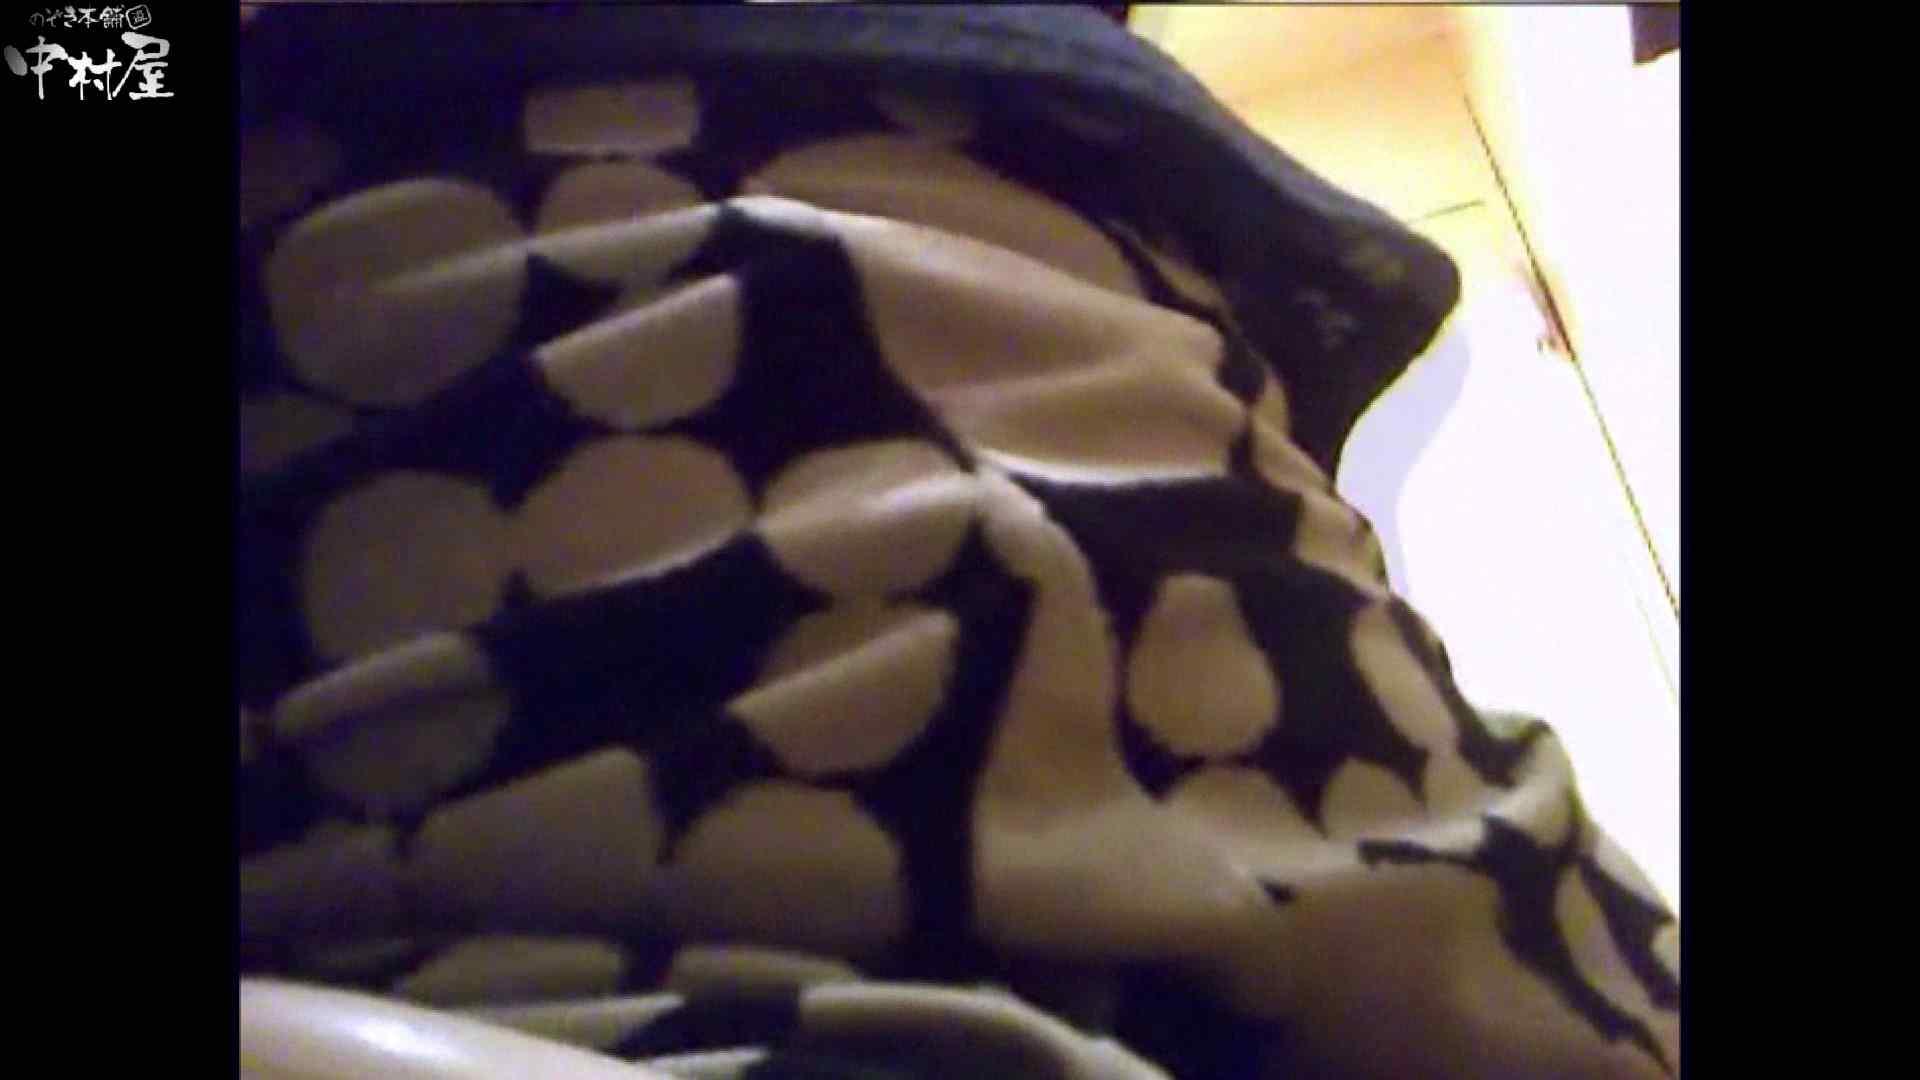 ガチ盗撮!突撃!女子化粧室の真実~セカンドシーズン~vo.04 盗撮師作品 | 熟女丸裸  80pic 65